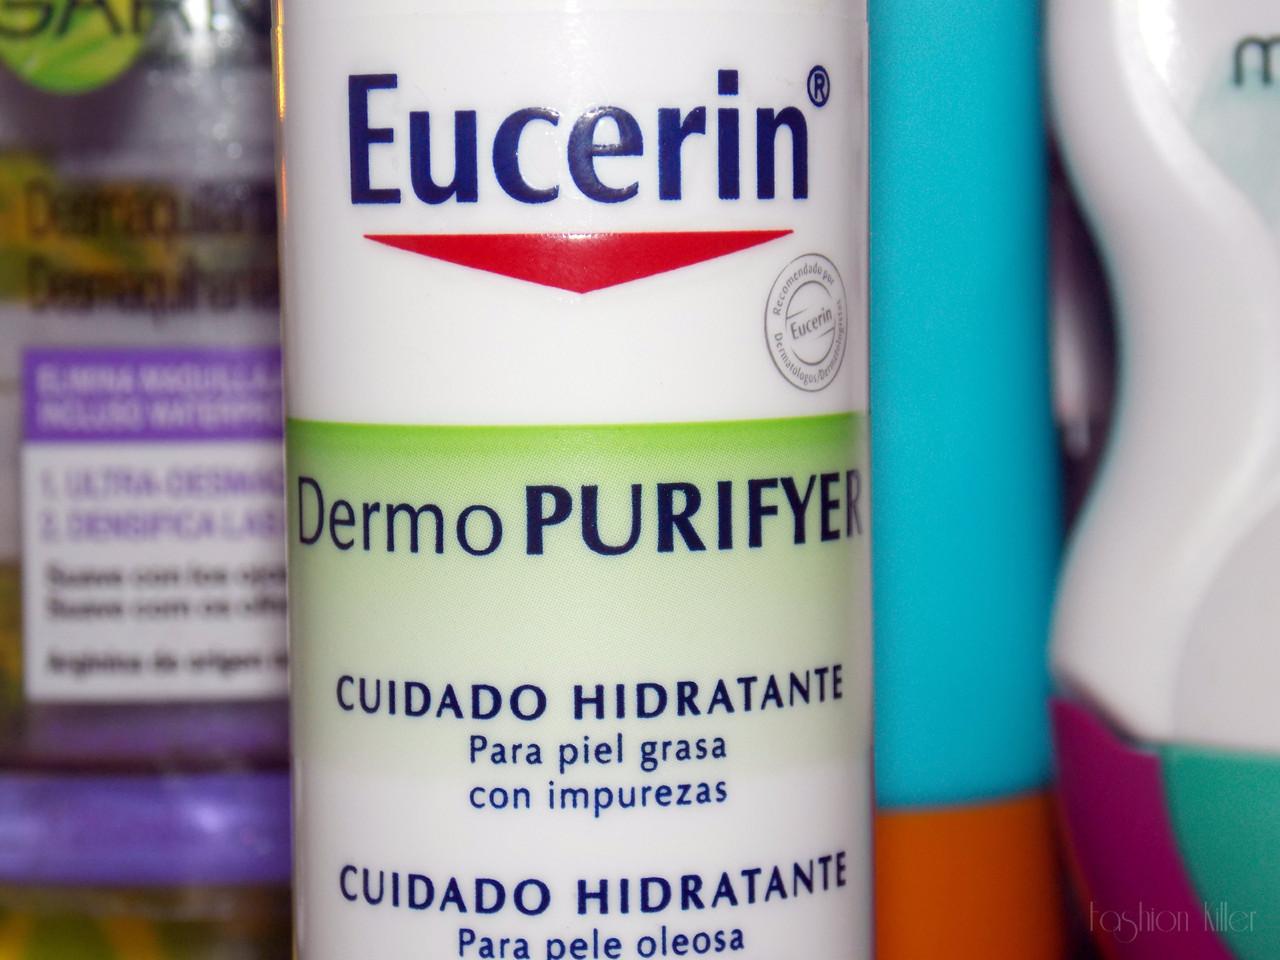 Eucerin1.jpg